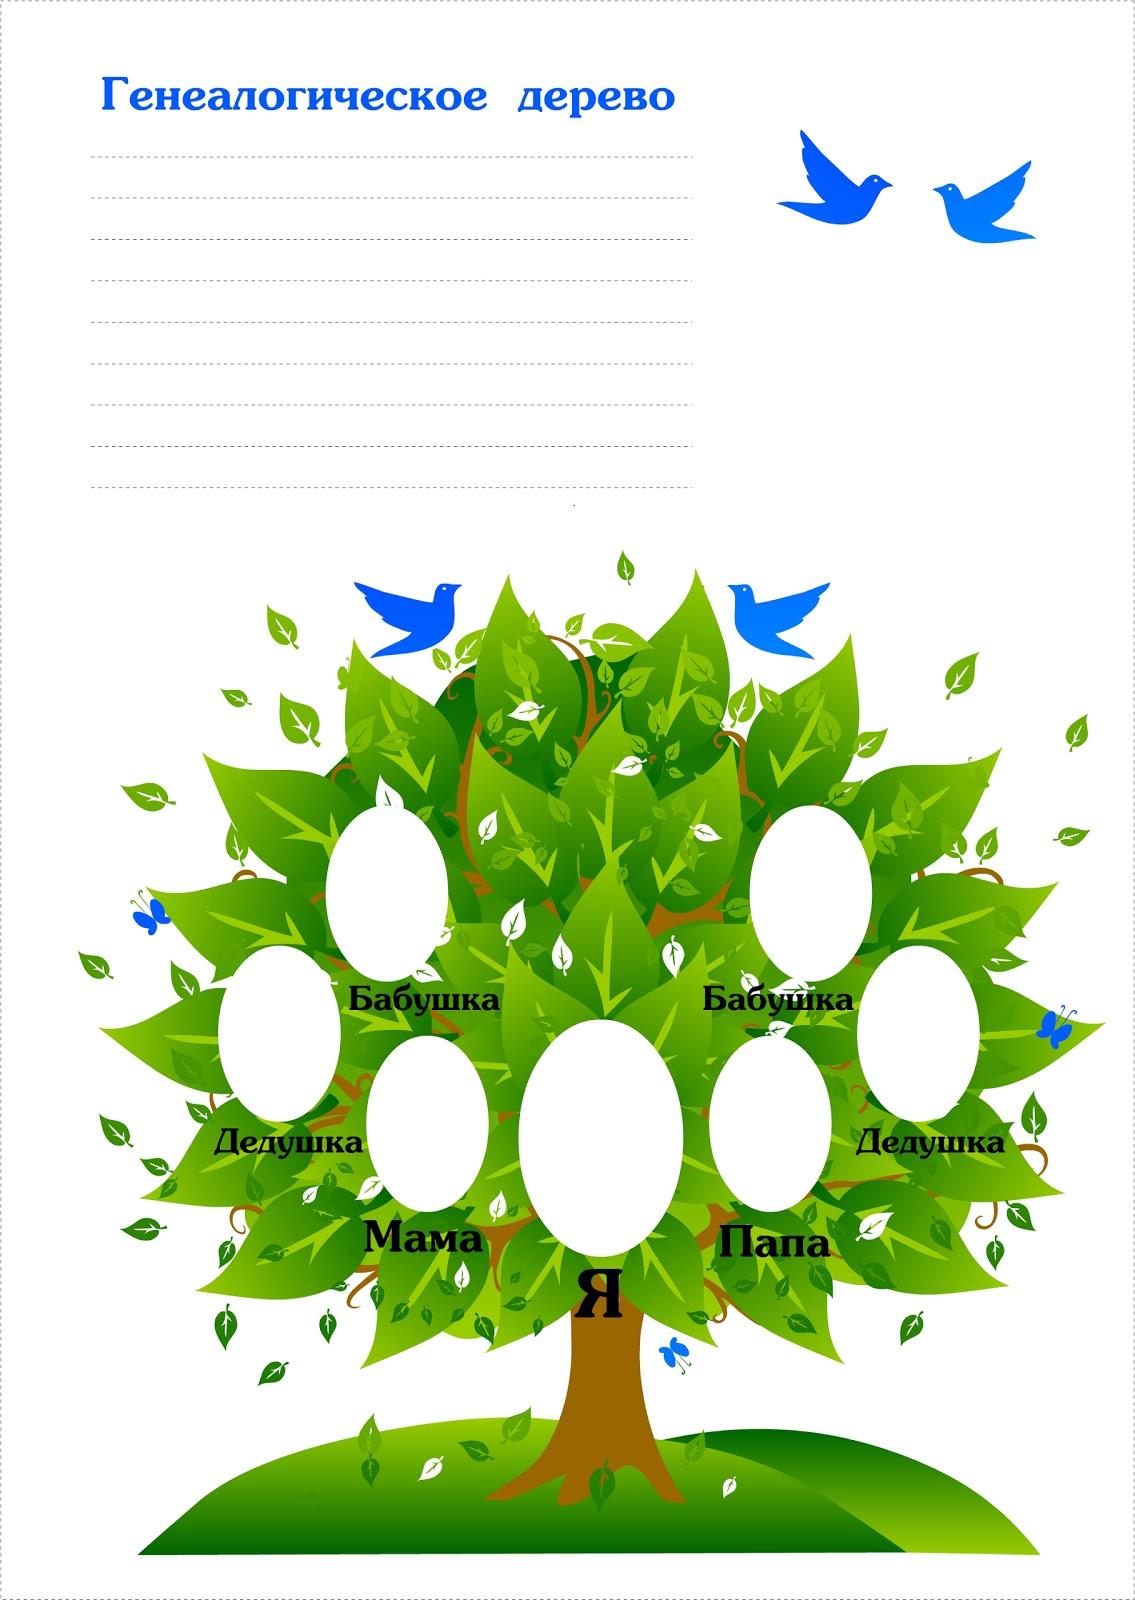 Я- Мама!: Генеалогическое древо семьи